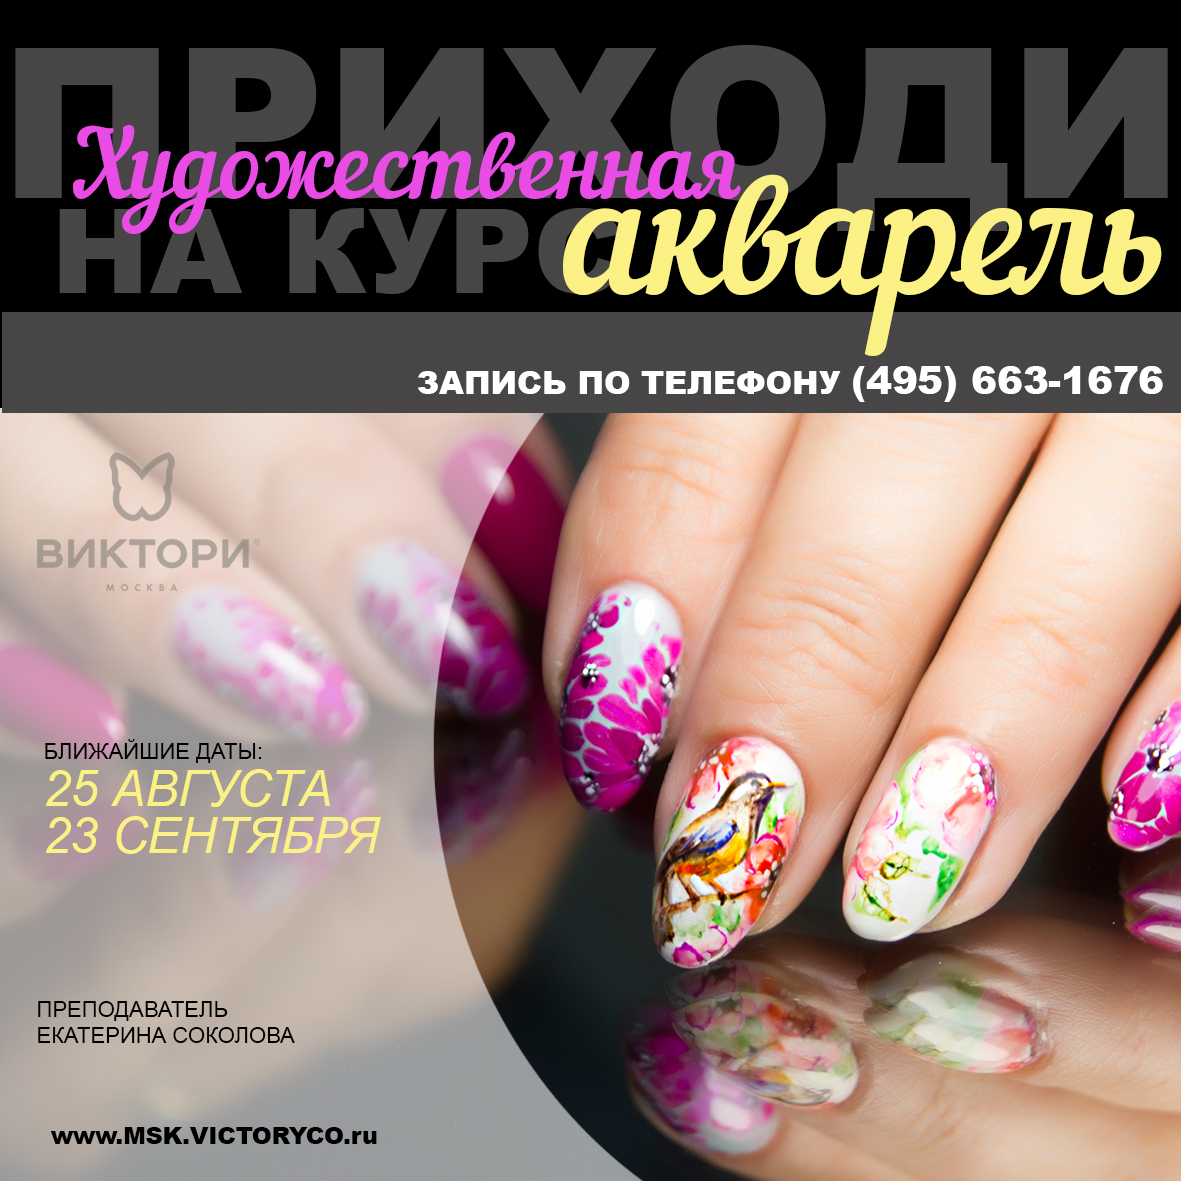 дизайн ногтей 24 акварель - Тюменский издательский дом